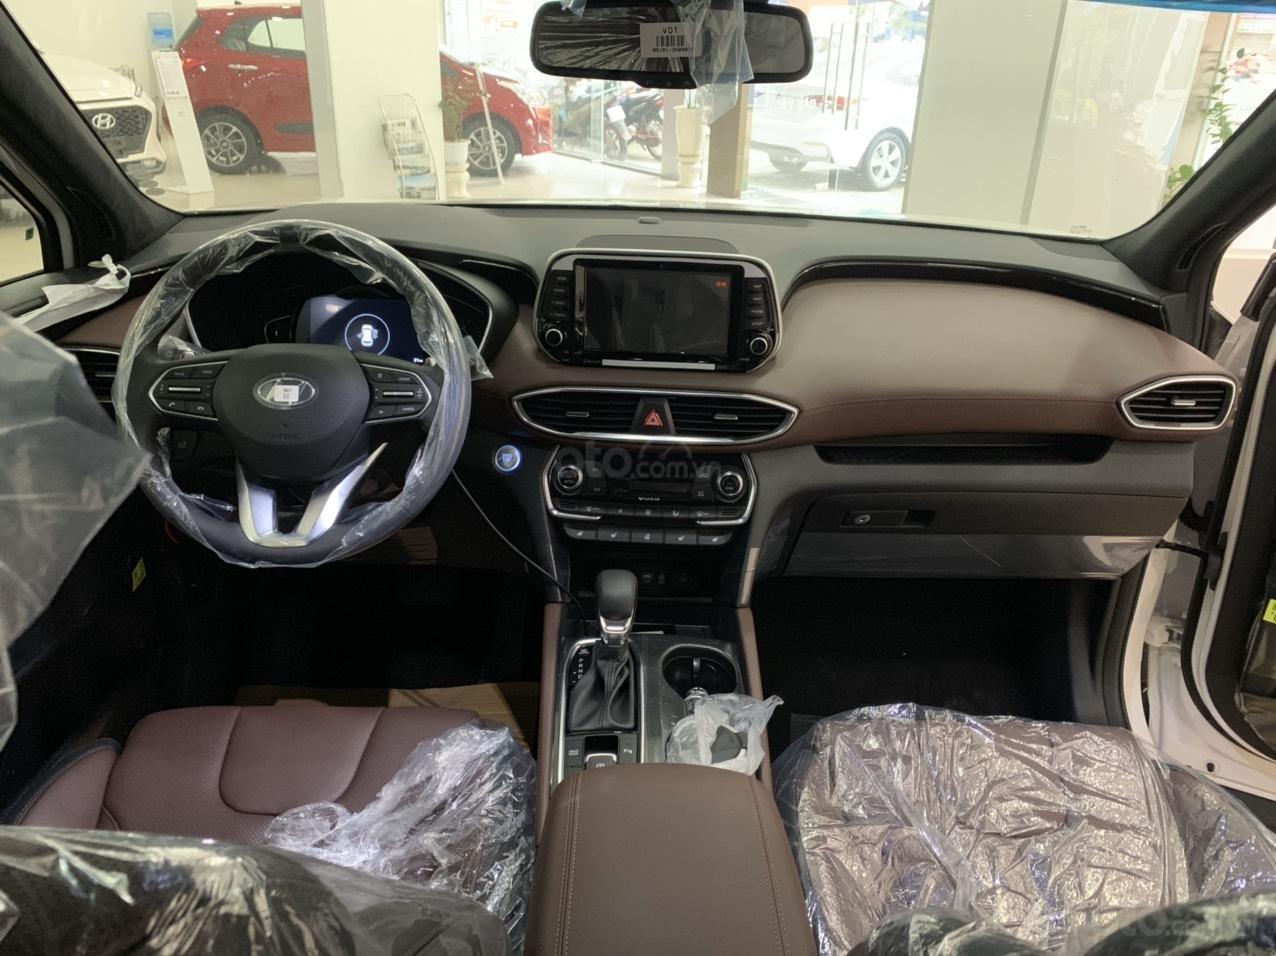 Hyundai Santa Fe 2019 bản Premium máy dầu cao cấp - xe giao ngay - nhiều ưu đãi - 0919929923 (5)